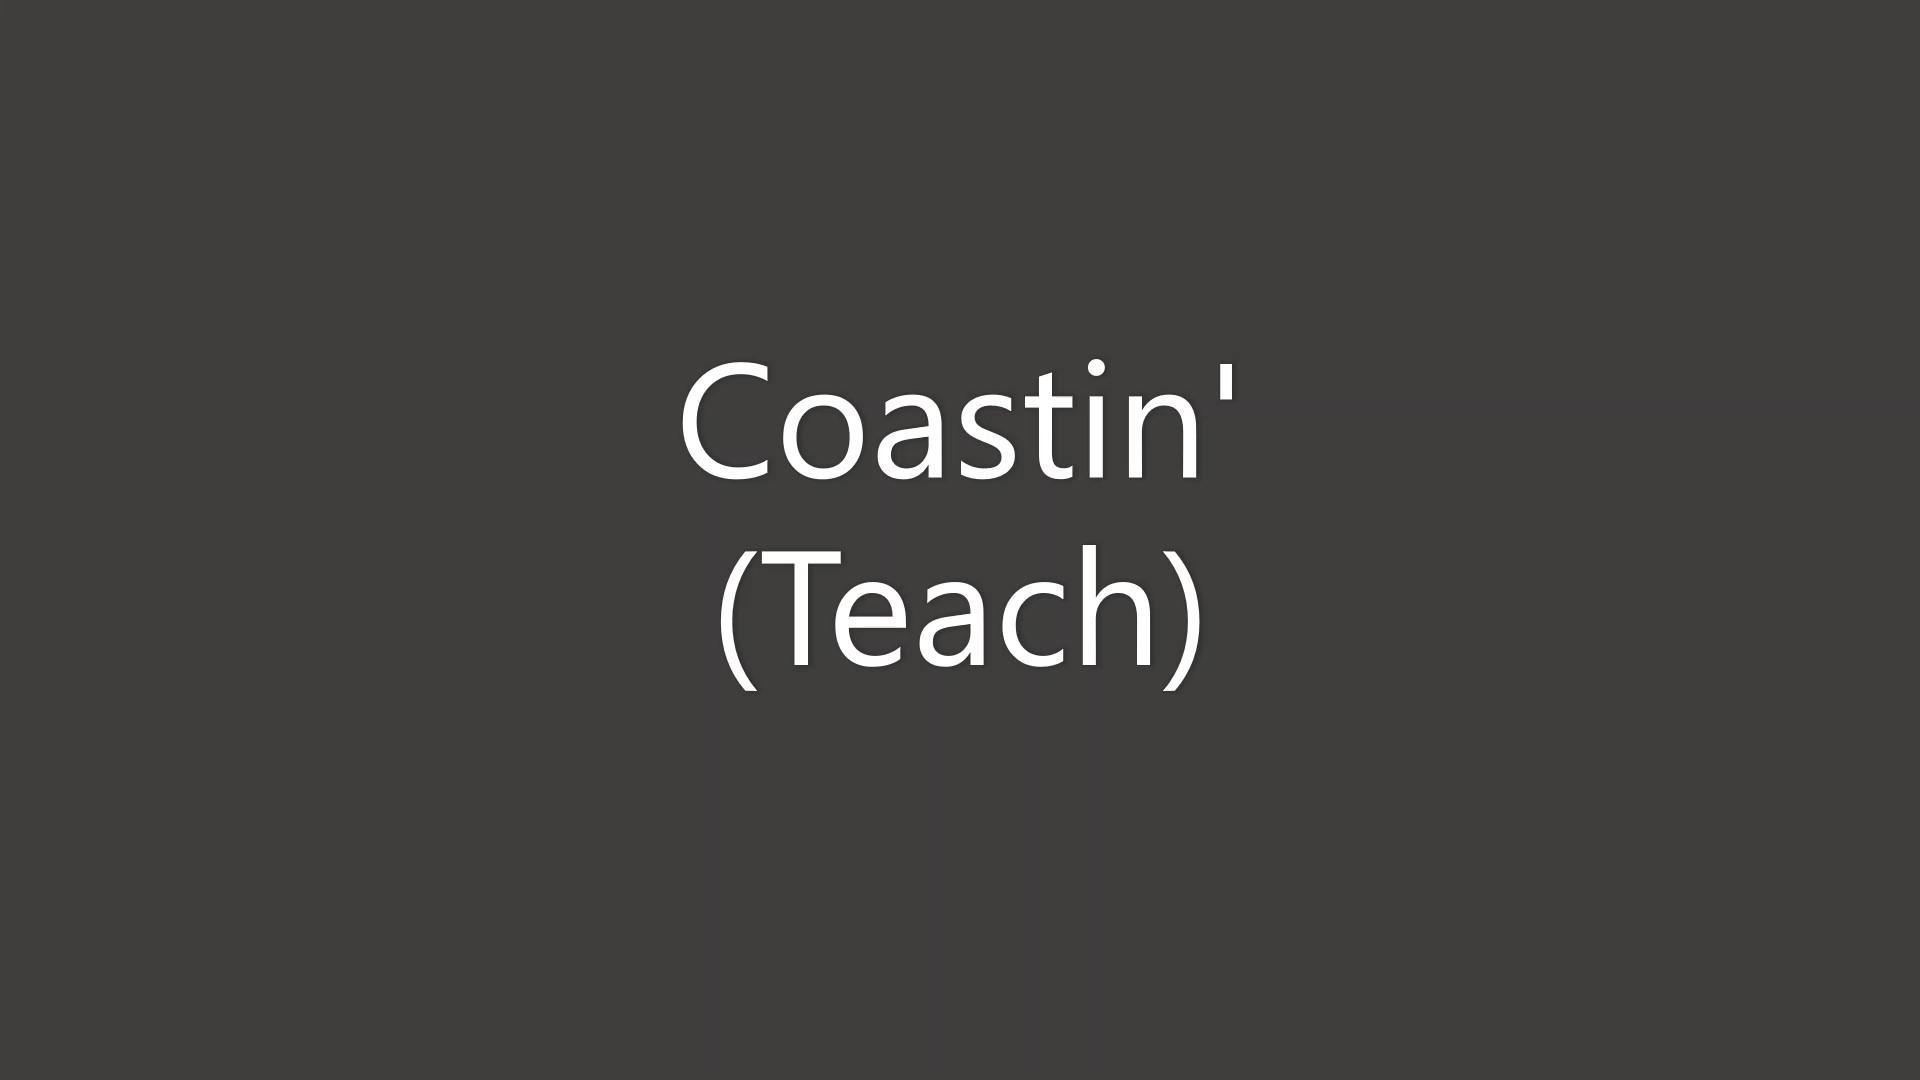 Coastin' Teach